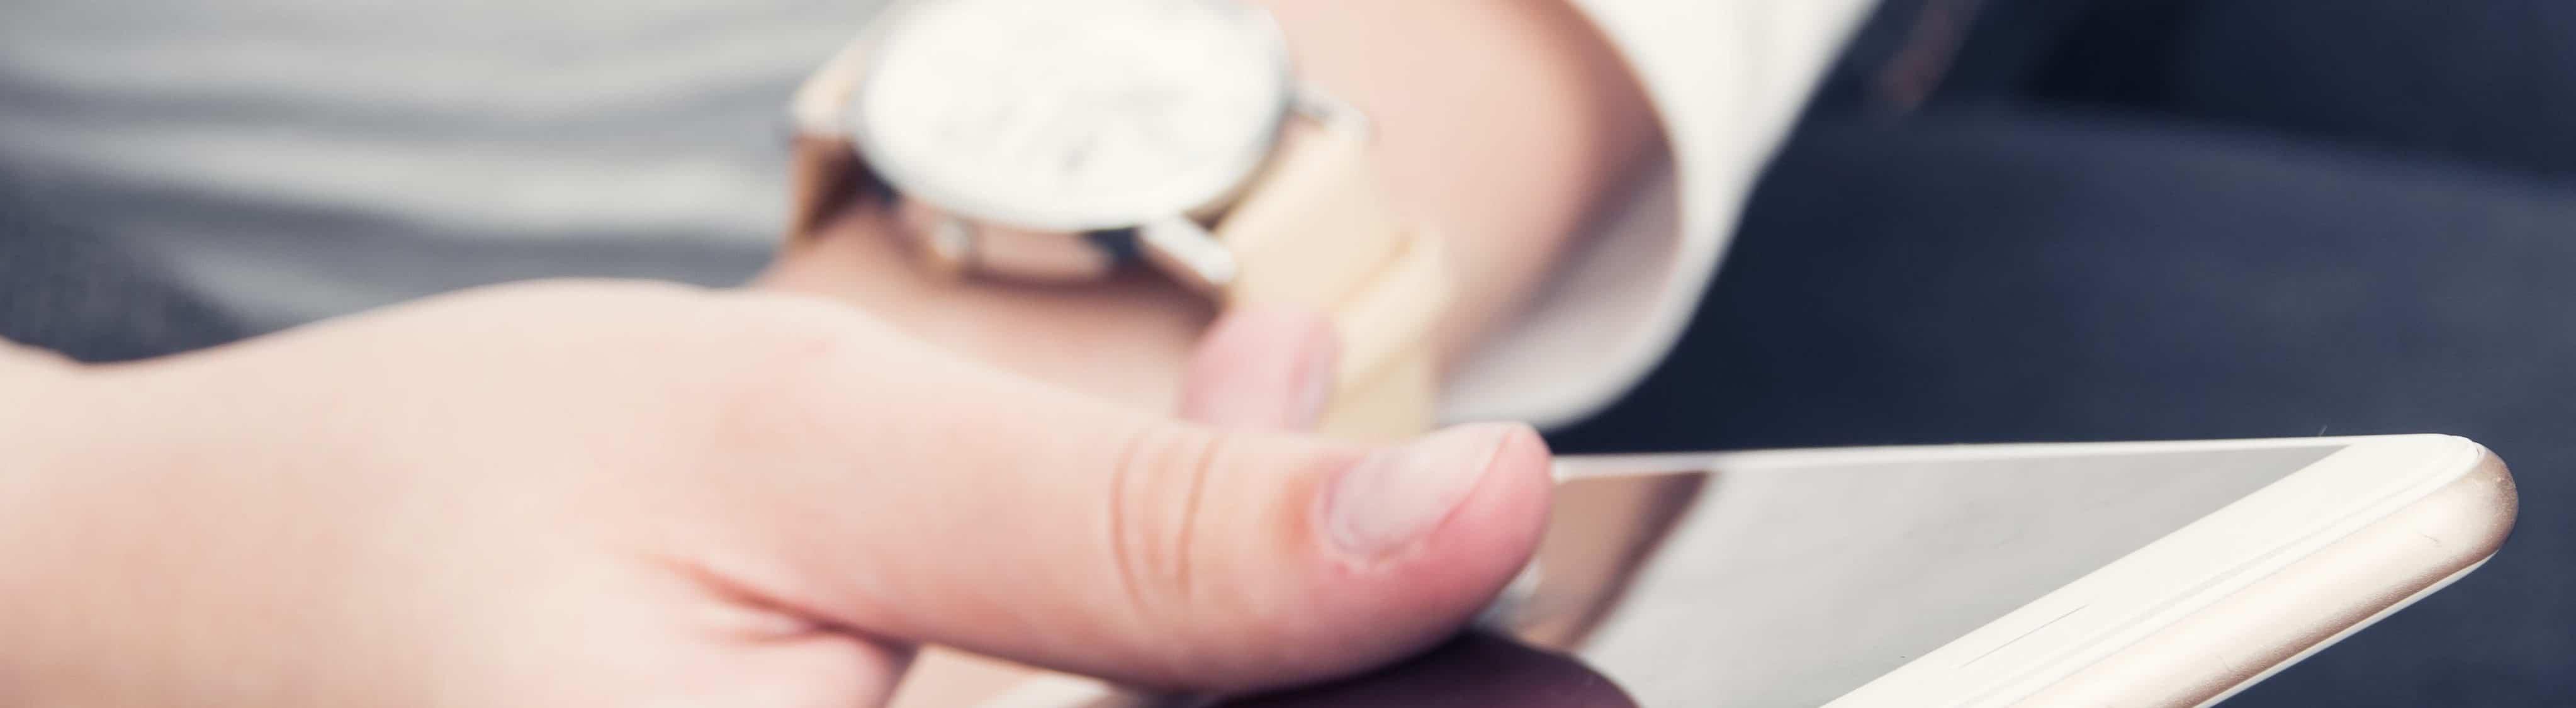 Zakenman met telefoon en horloge